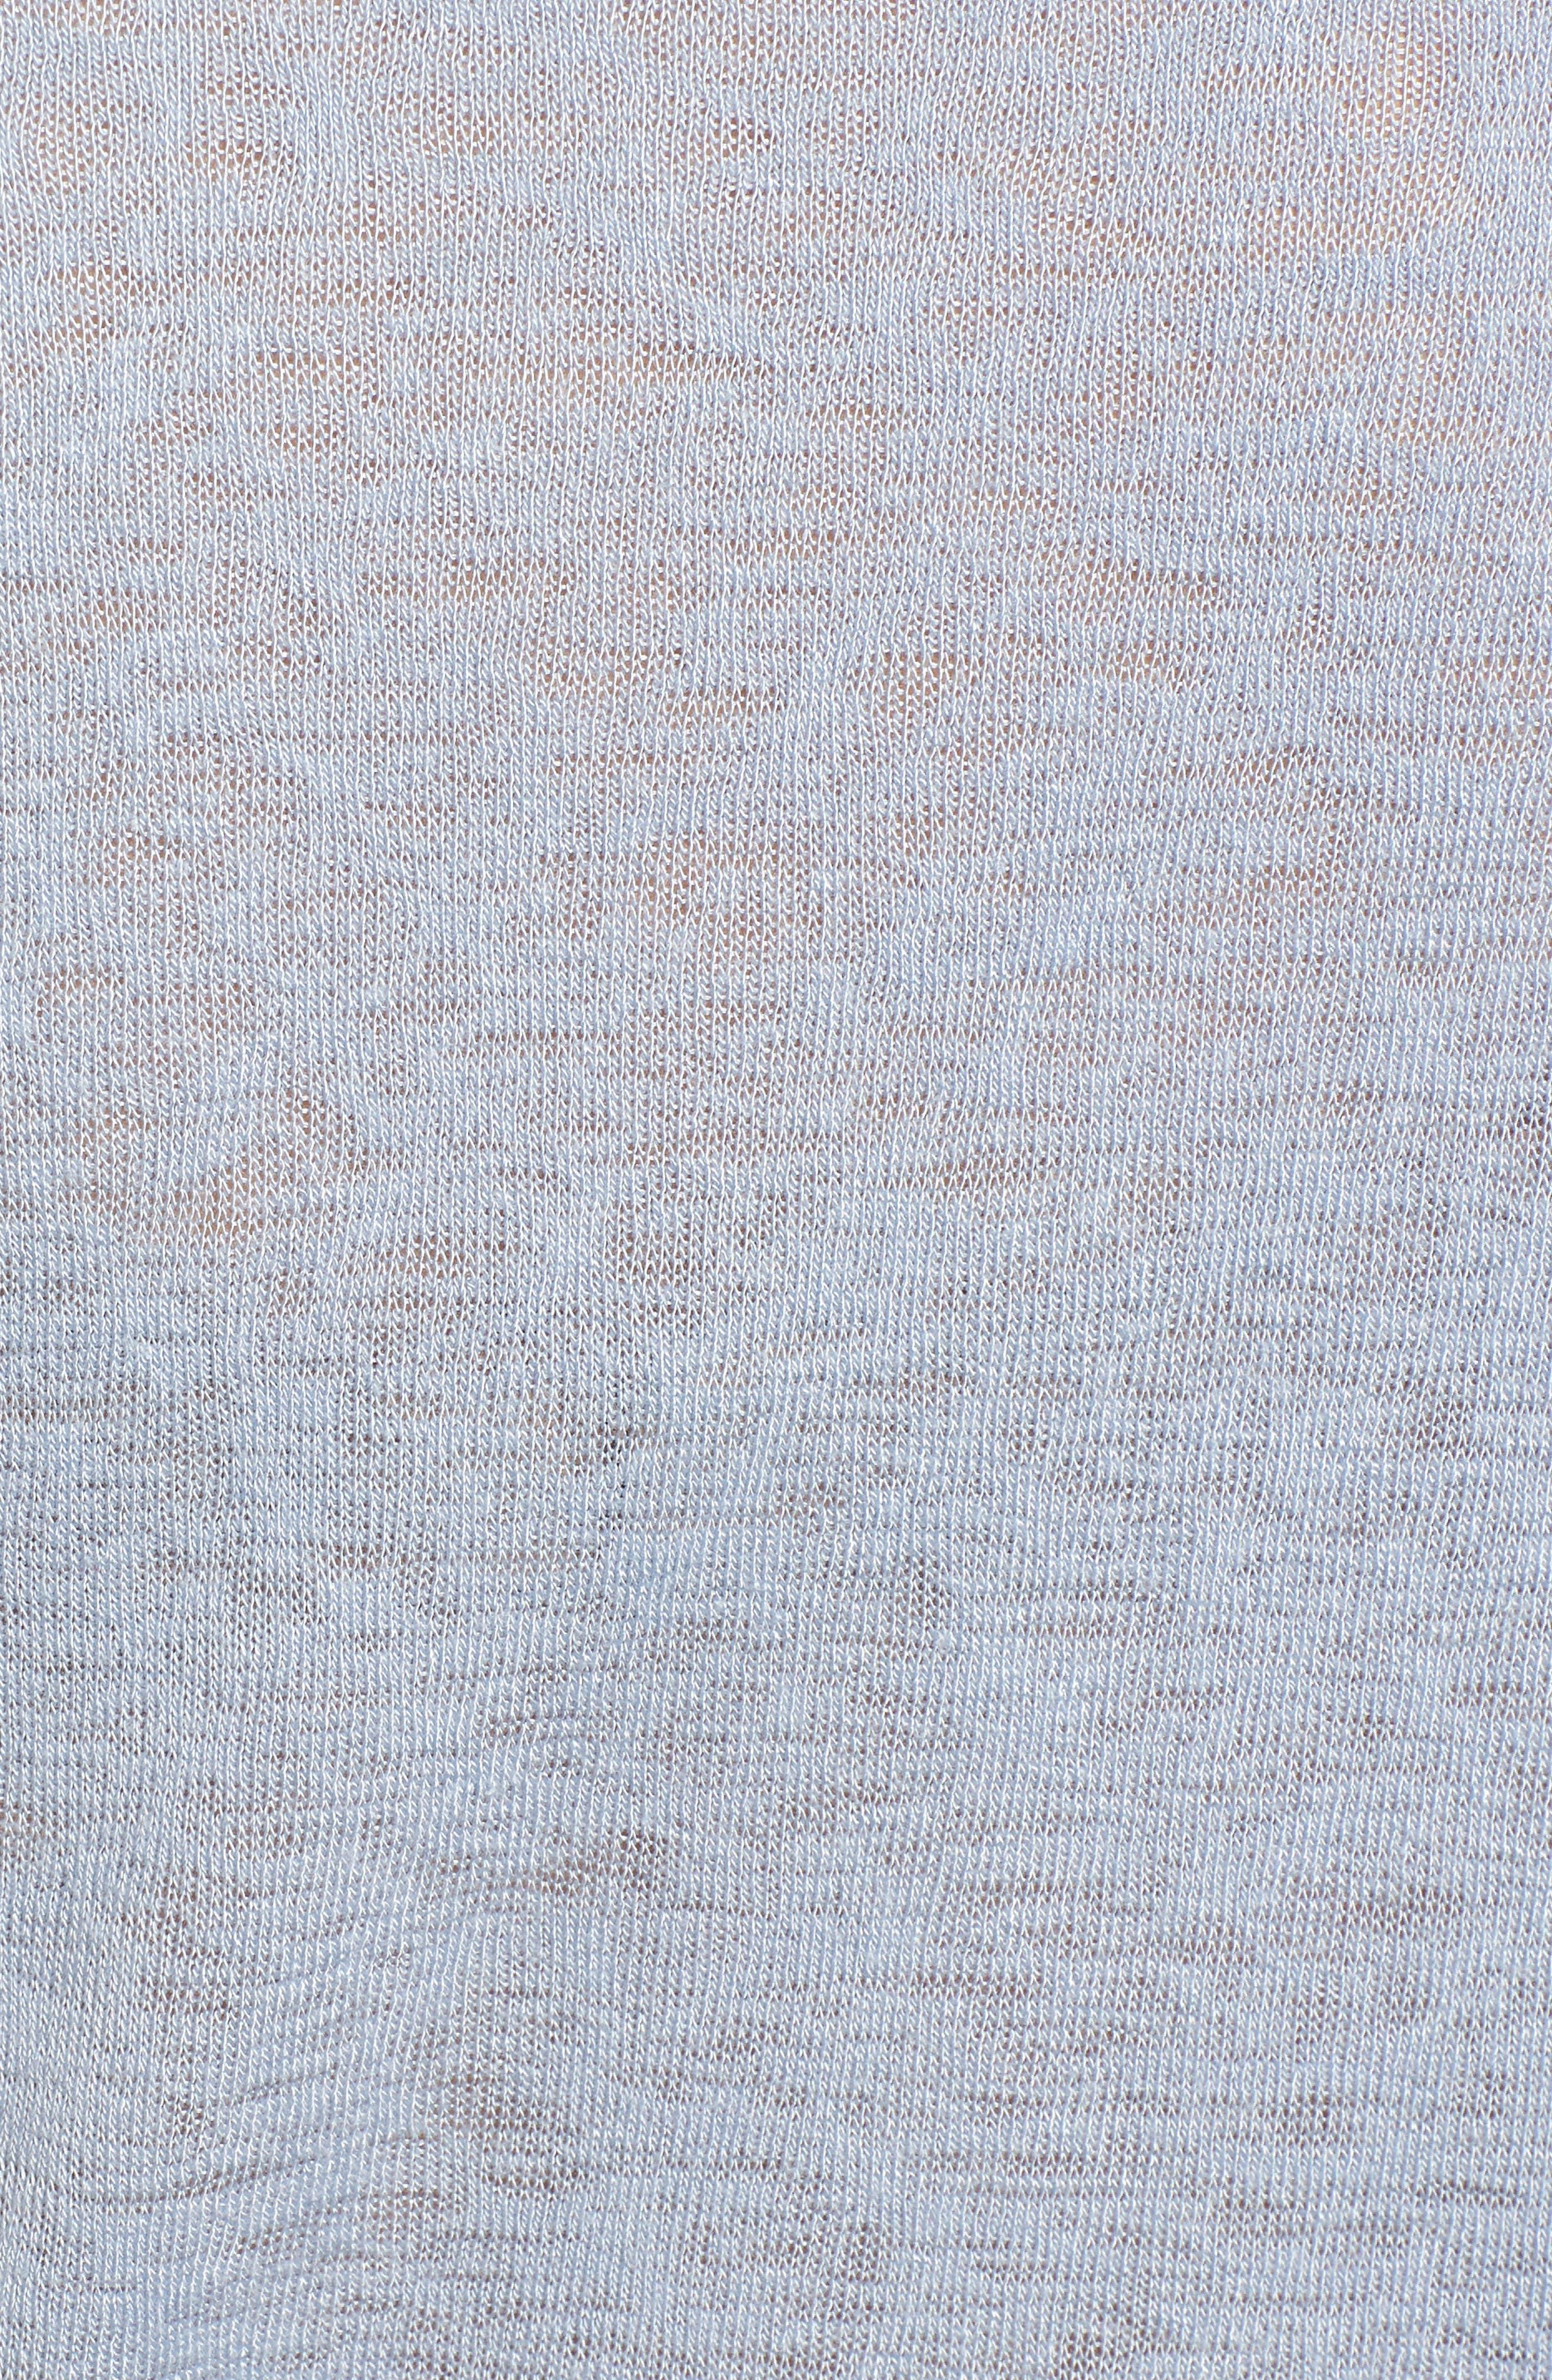 Tuck Sleeve Sweatshirt,                             Alternate thumbnail 30, color,